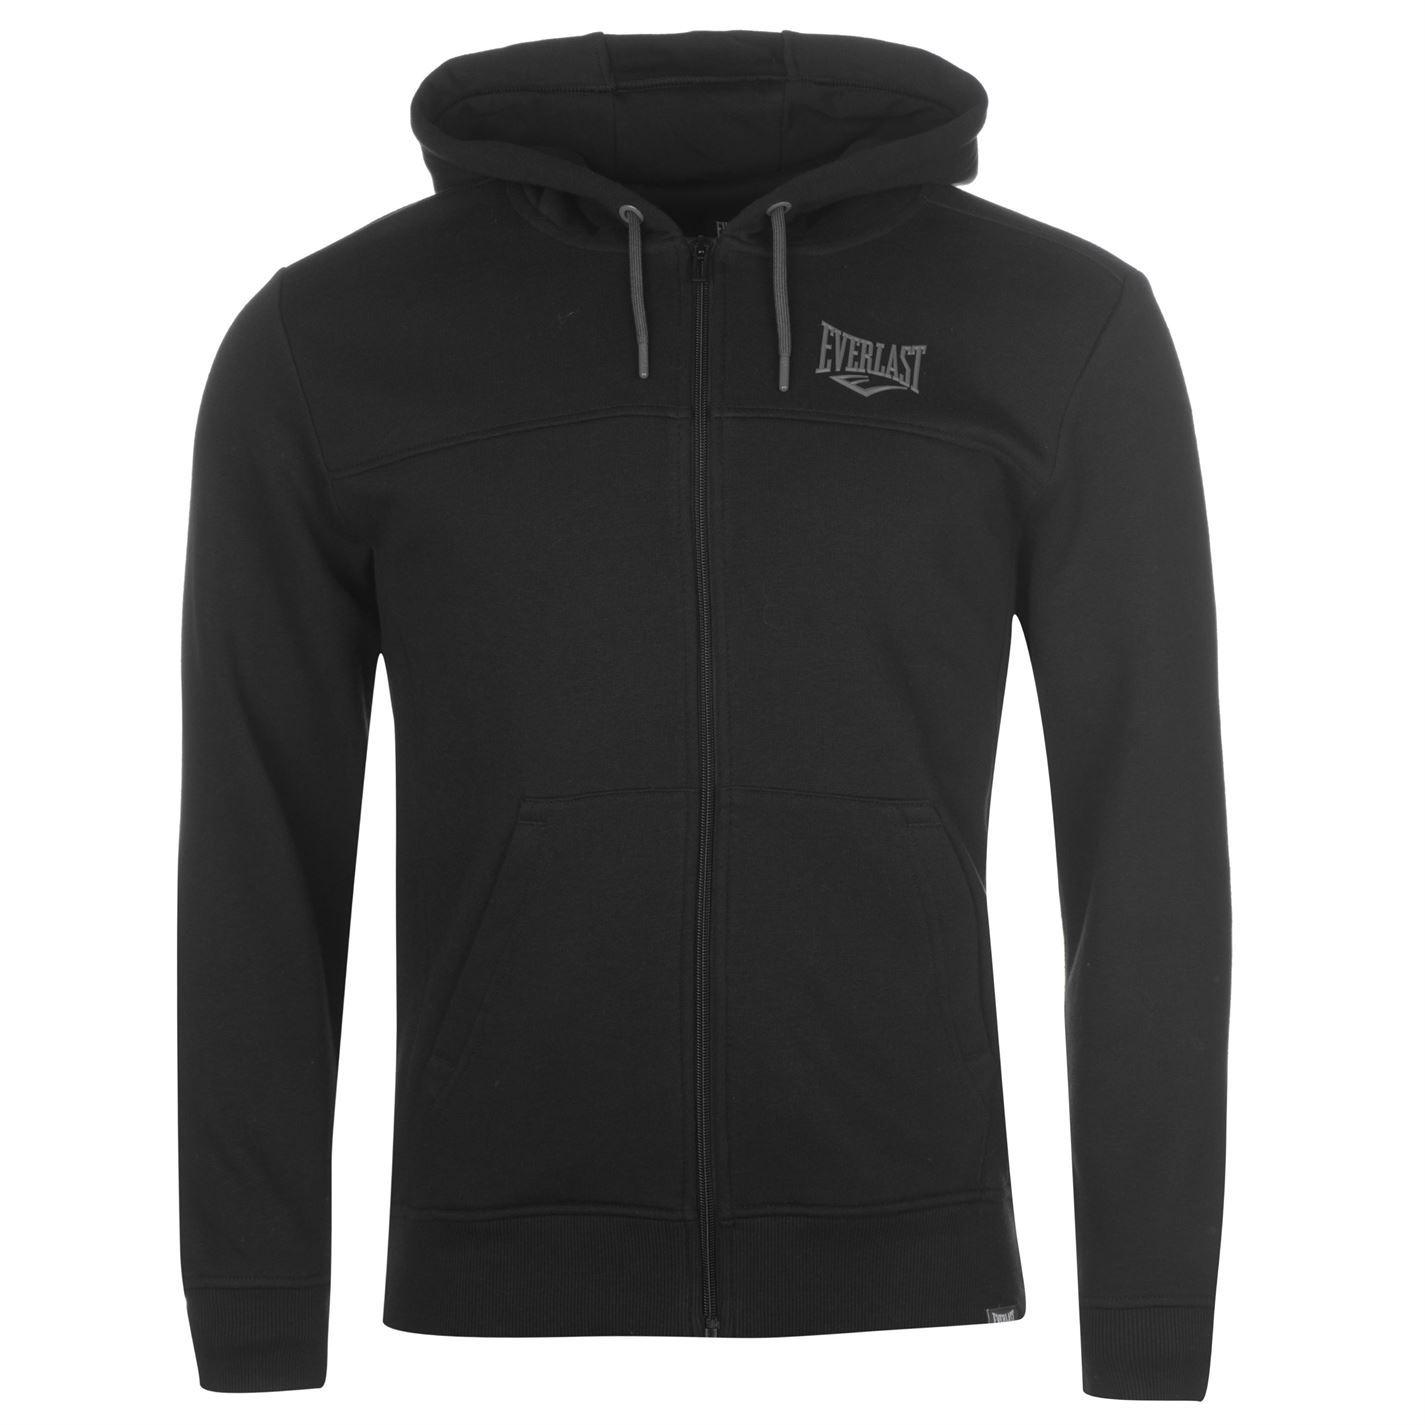 Everlast-Logo-Full-Zip-Hoody-Jacket-Mens-Hoodie-Sweatshirt-Sweater-Hooded-Top thumbnail 8